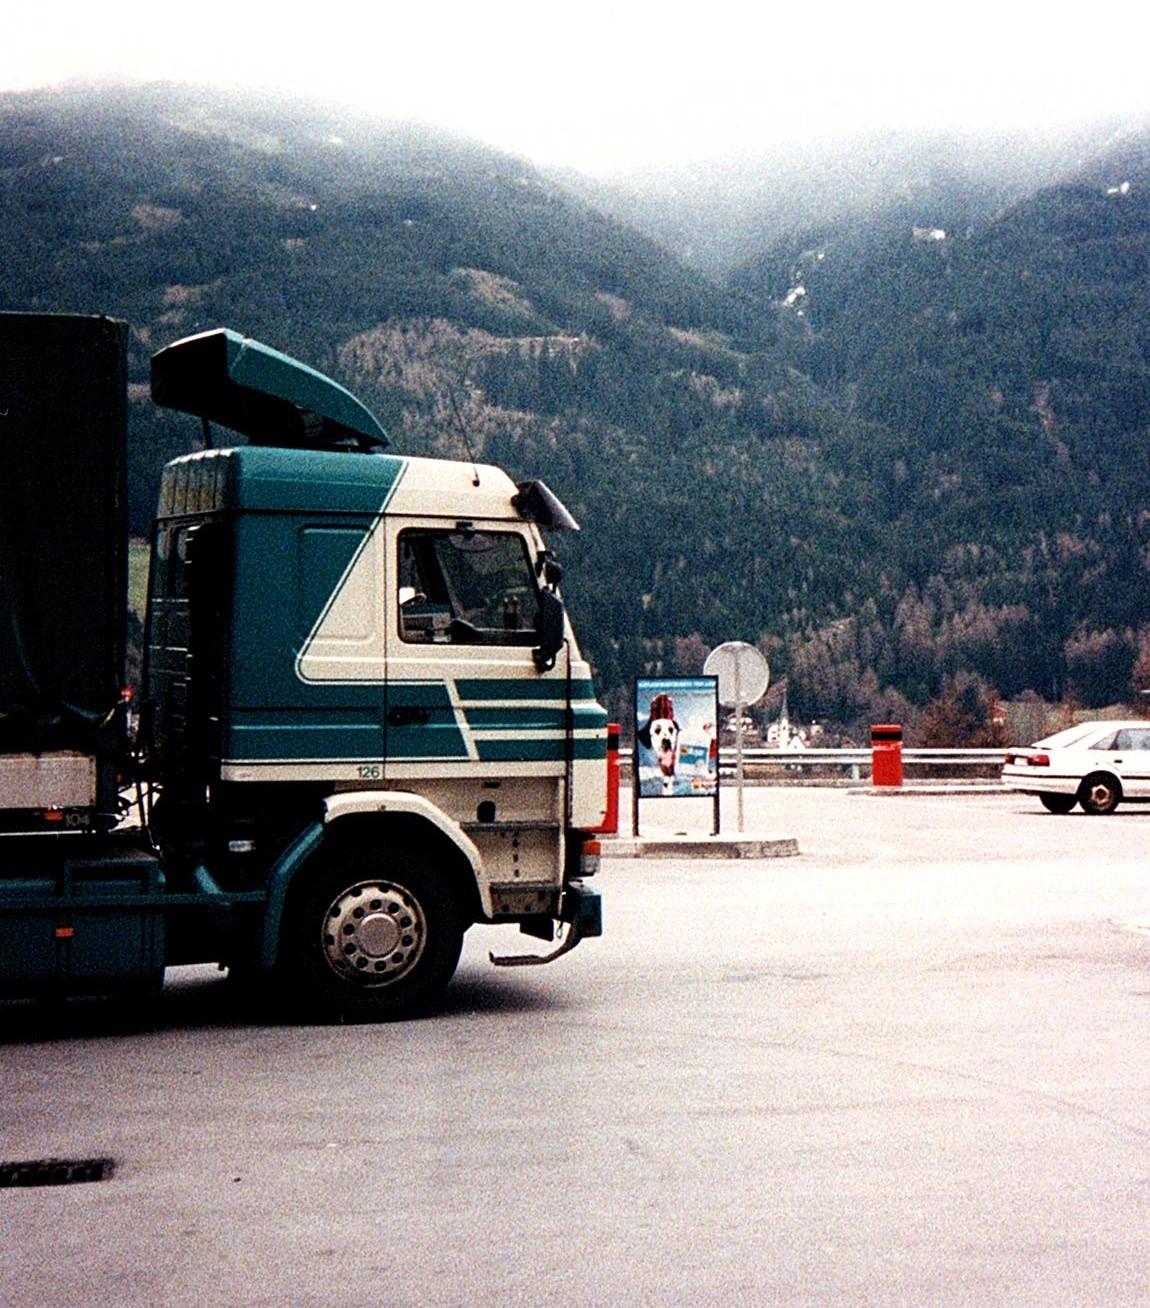 Bert-met-de-Scania-vakantie-vieren-in-Italie-23